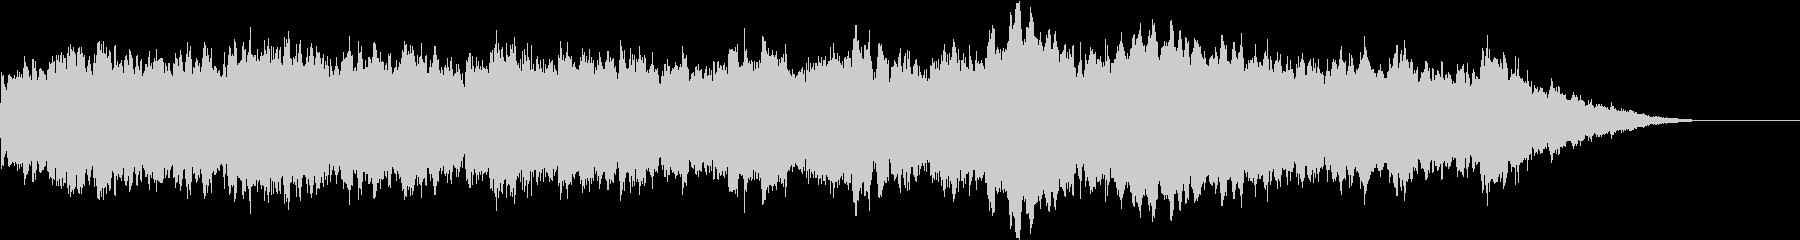 柔らかで優しいRPG系オーケストラBGMの未再生の波形